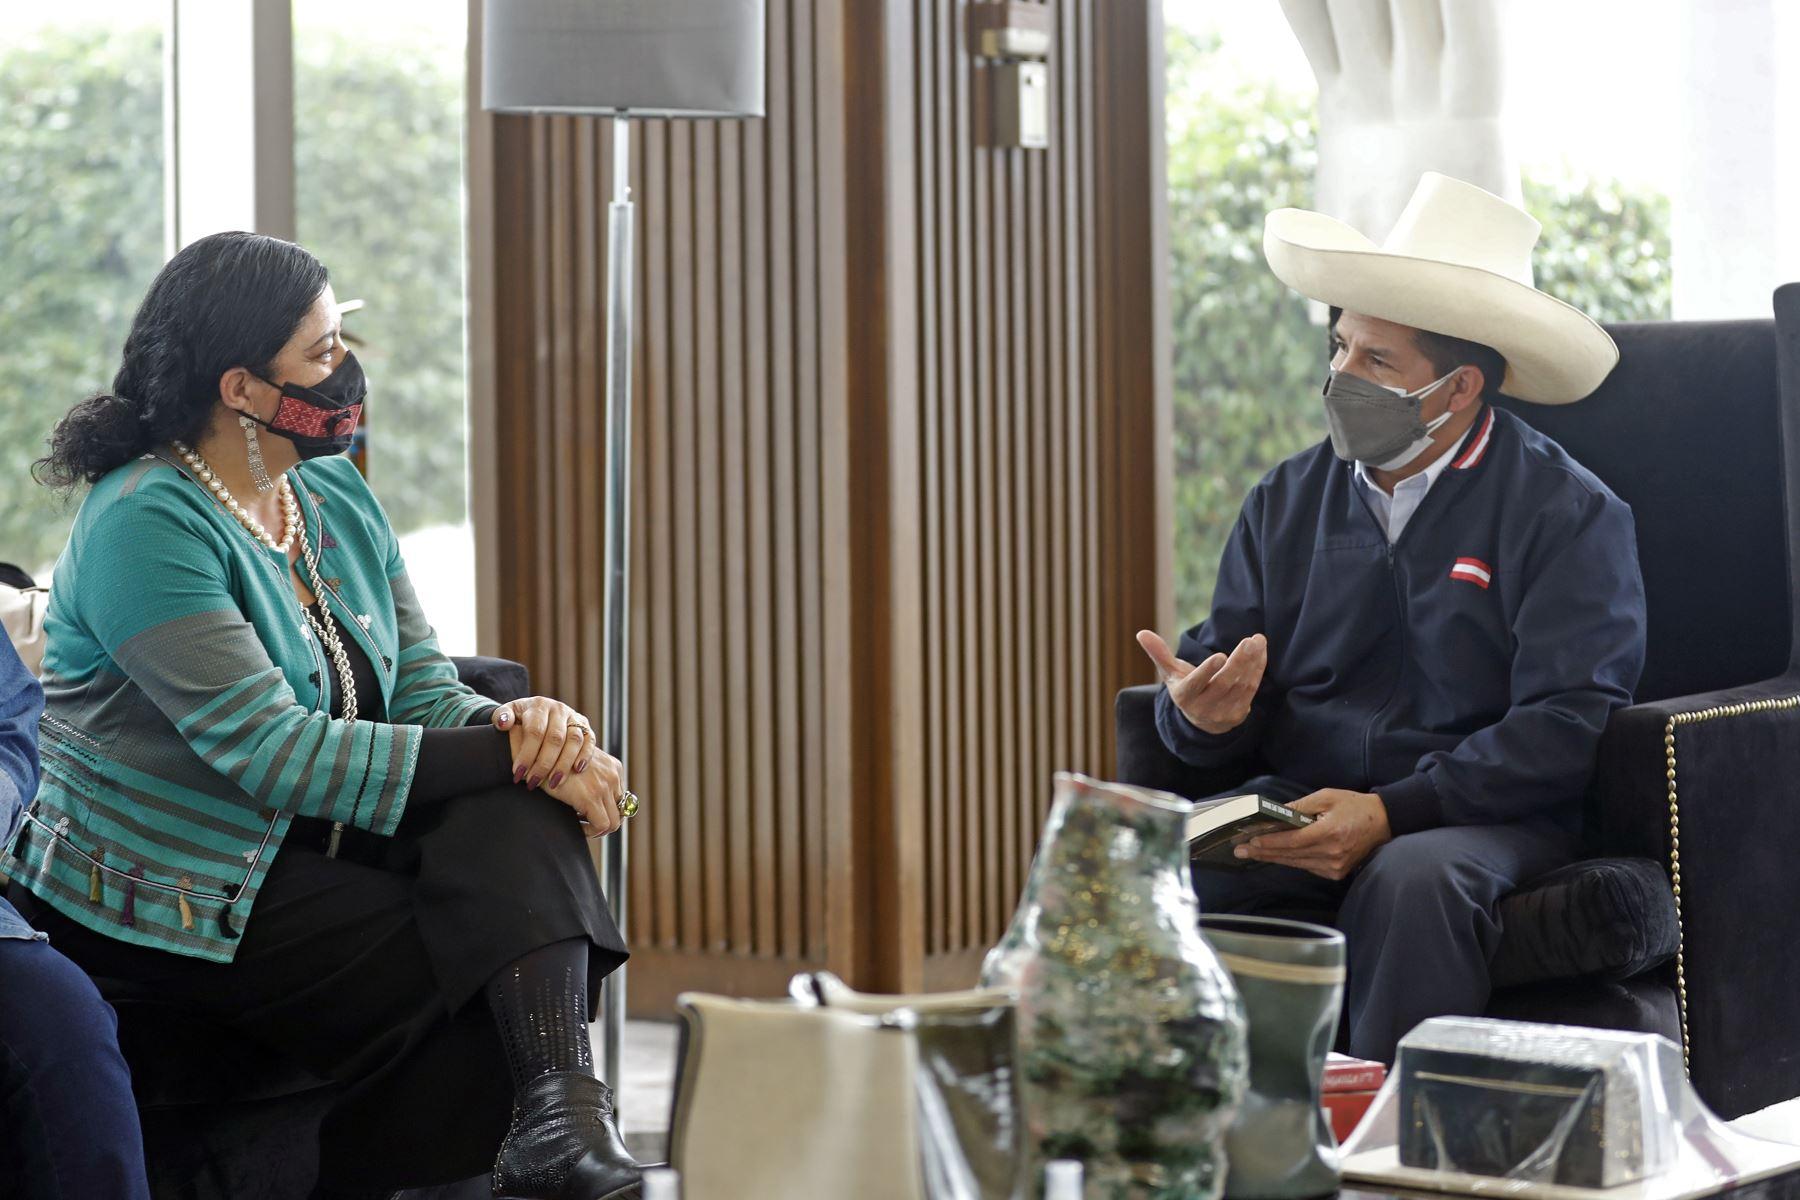 El presidente Pedro Castillo arribó a la ciudad de México, donde asistirá mañana a la VI Cumbre de la Comunidad de Estados Latinoamericanos y Caribeños (Celac). Foto: ANDINA/Prensa Presidencia